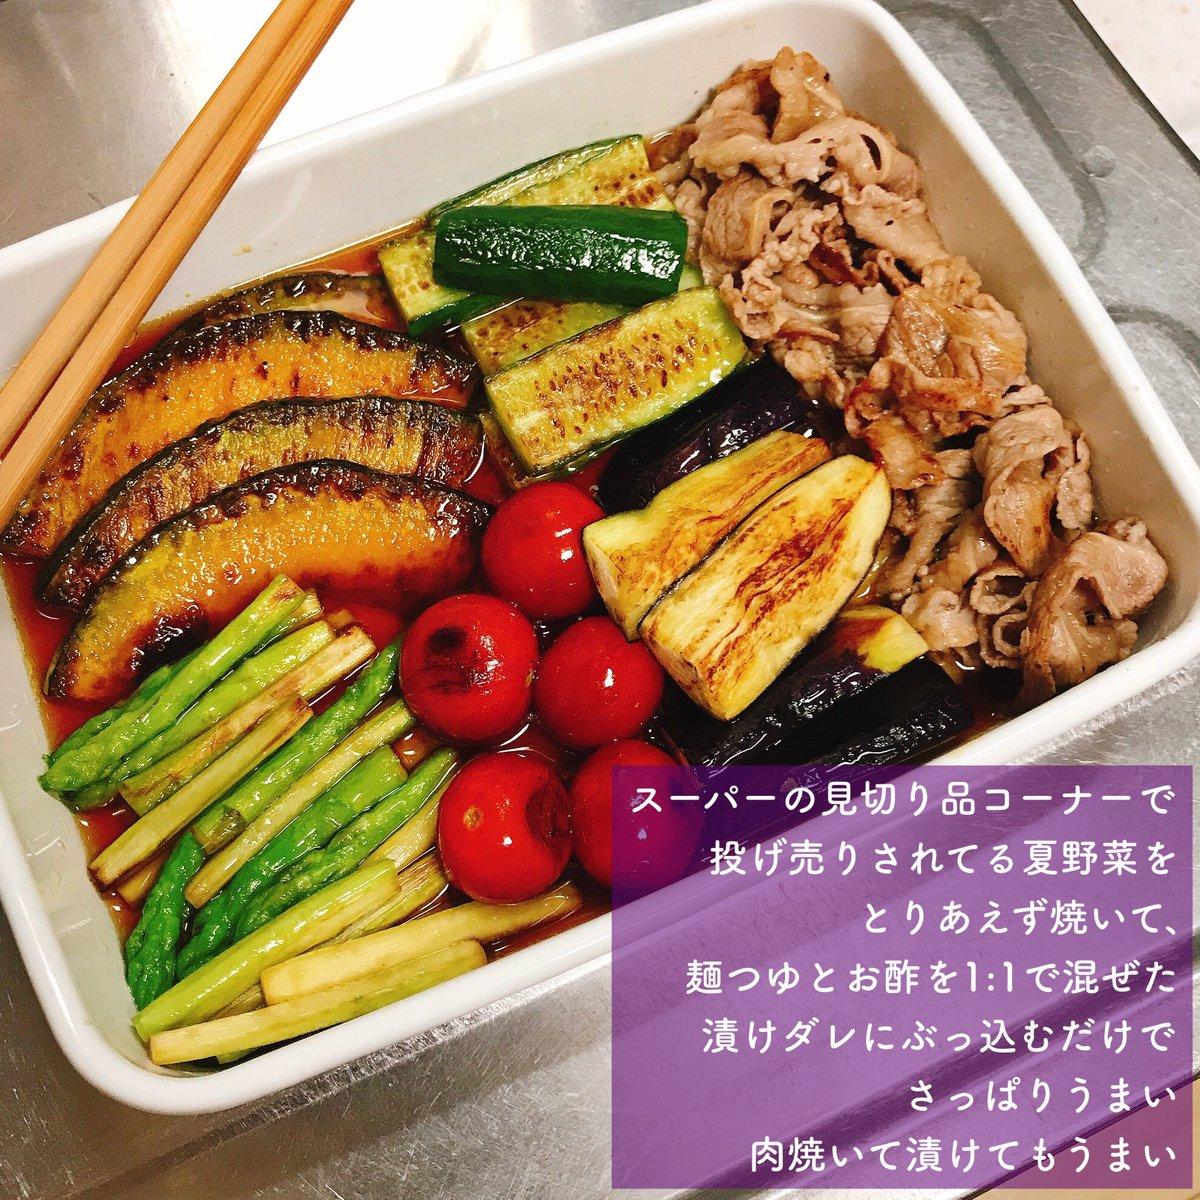 彩り豊かで美味しそう!夏野菜をさっぱりと食べられそうなレシピが話題に!